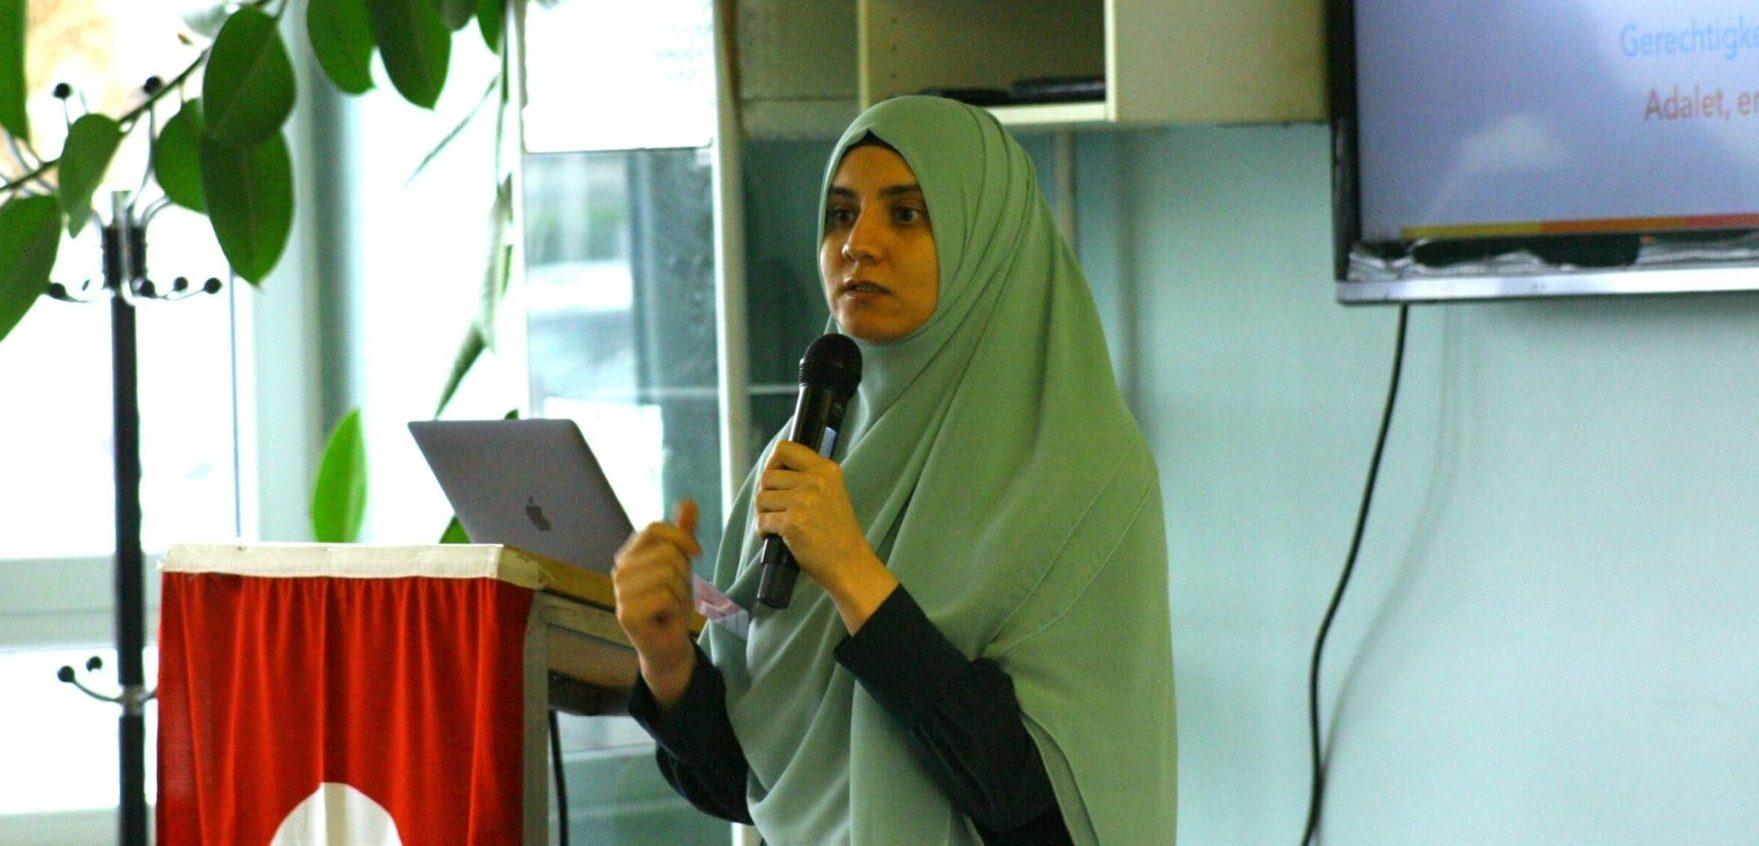 Funda Fidan hält einen Vortrag in türkisch und deutsch über das Thema Inklusion.